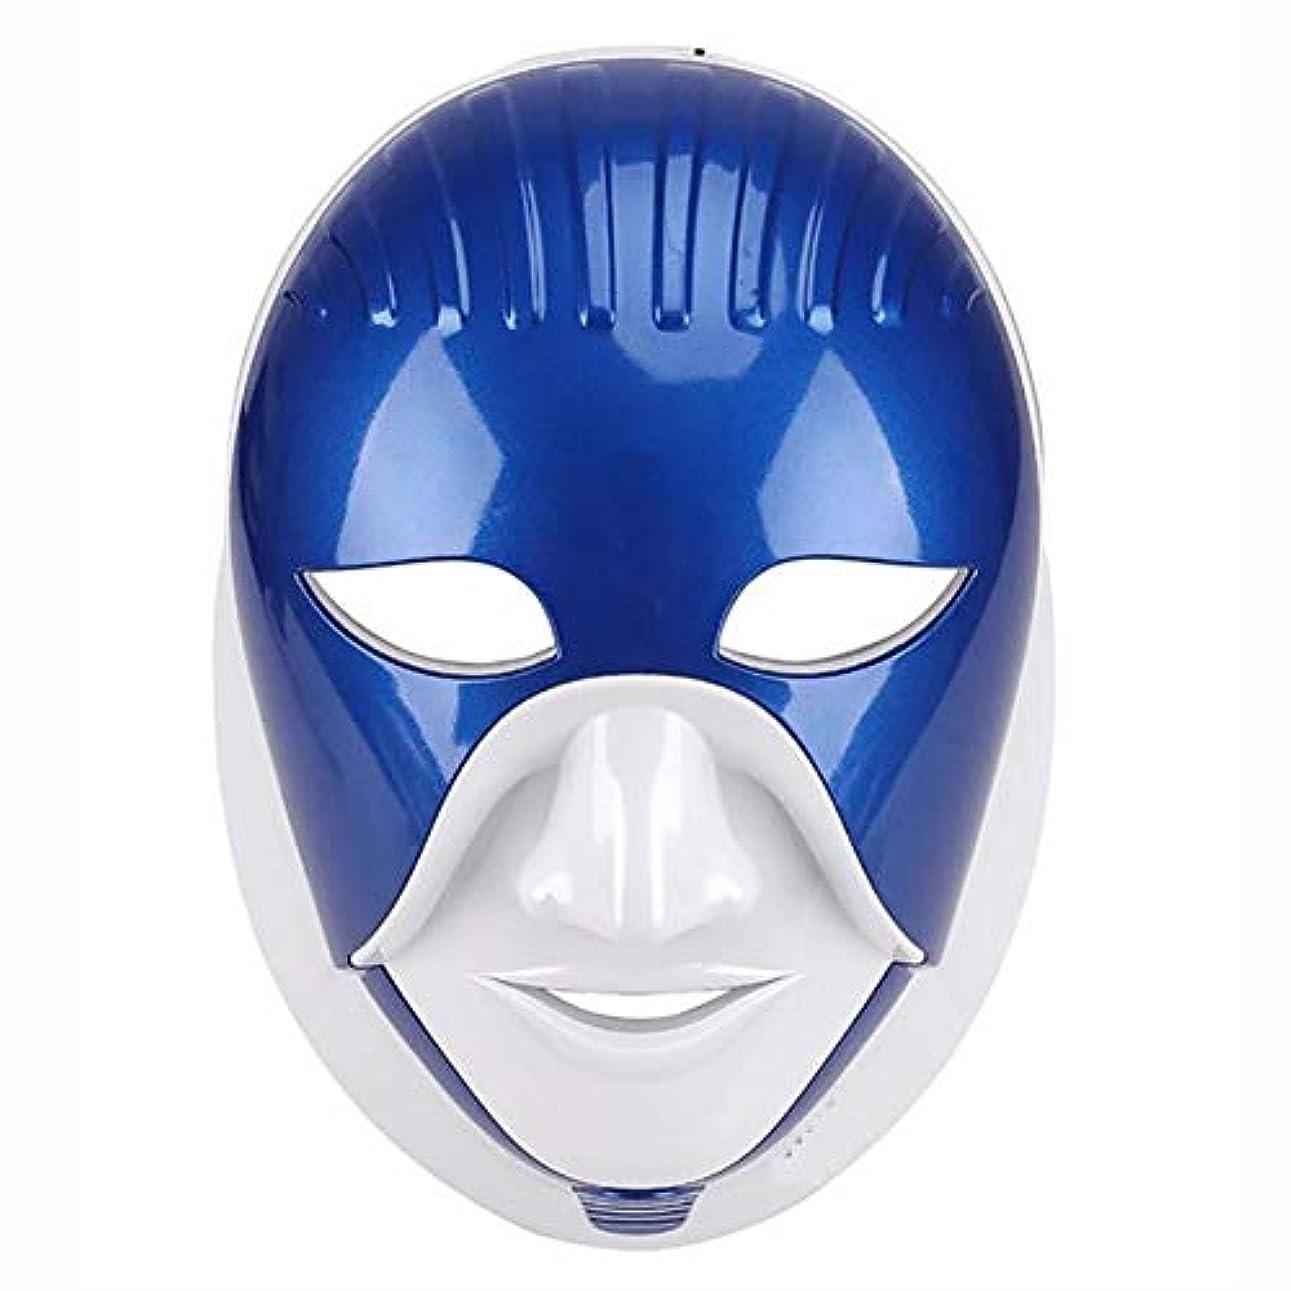 モディッシュ羊の服を着た狼元のLEDフェイスマスク治療マスク充電式7色Ledフェイシャルマスクスキンケアの顔の首のケア、CE承認(アルミボックス),ブルー